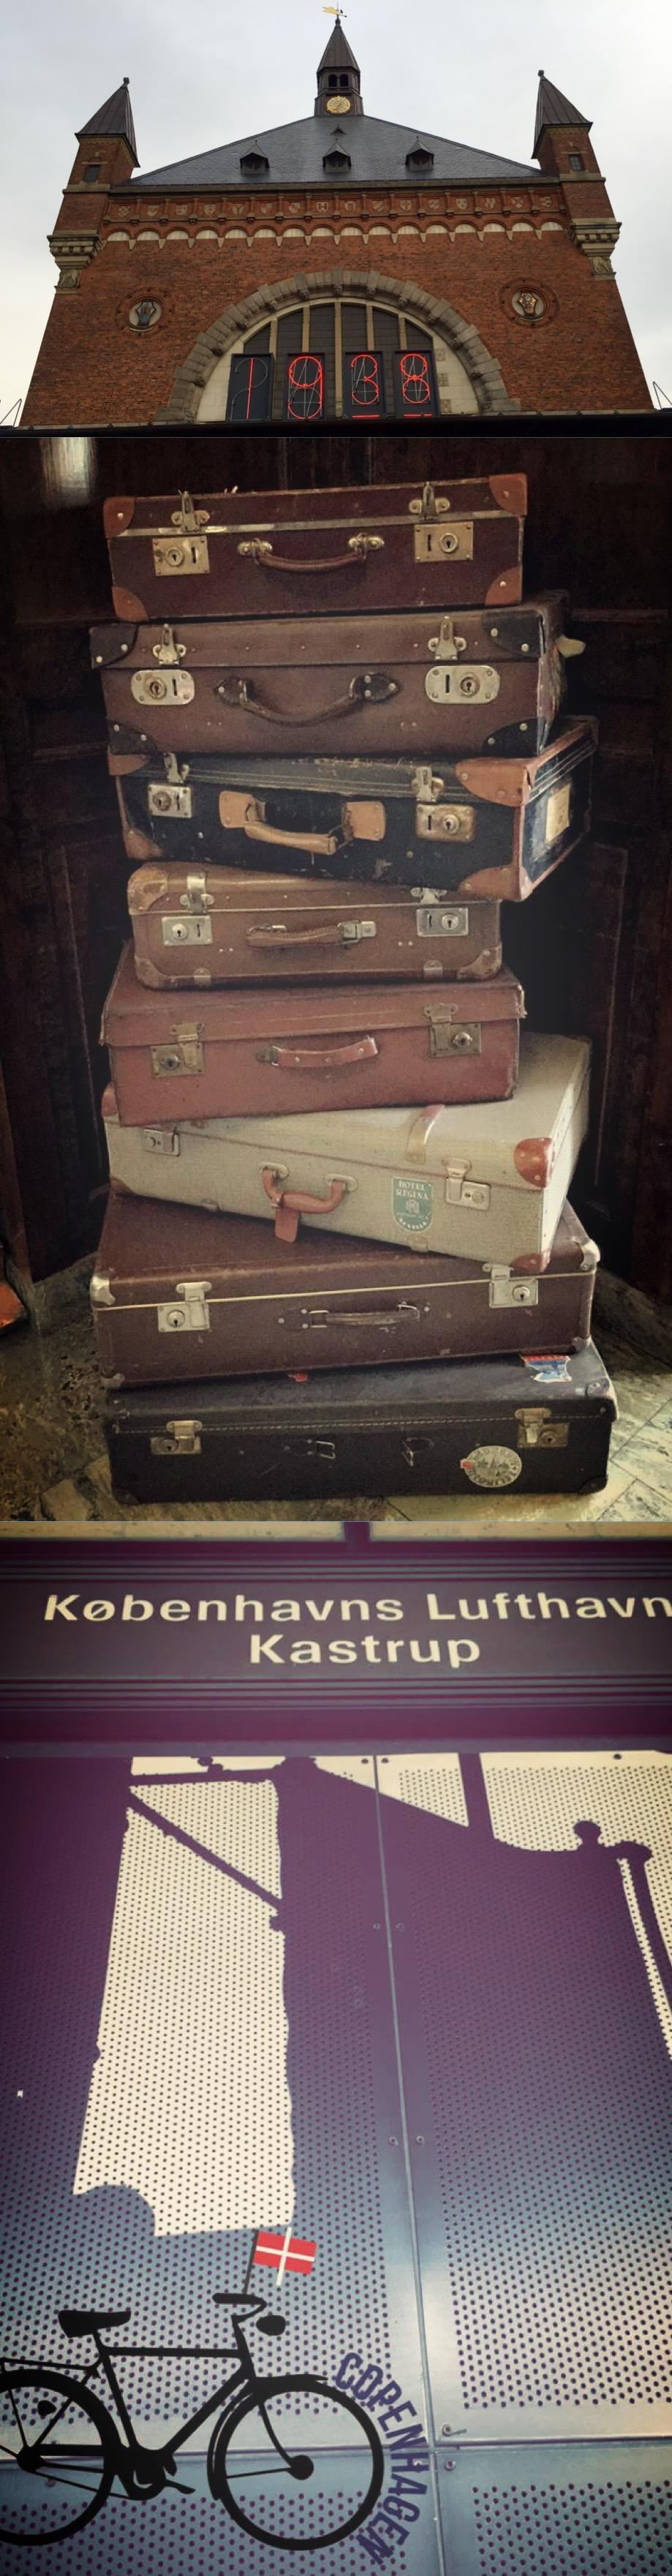 De Copenhague até o aeroporto e Malmo na Suécia  1929277def0